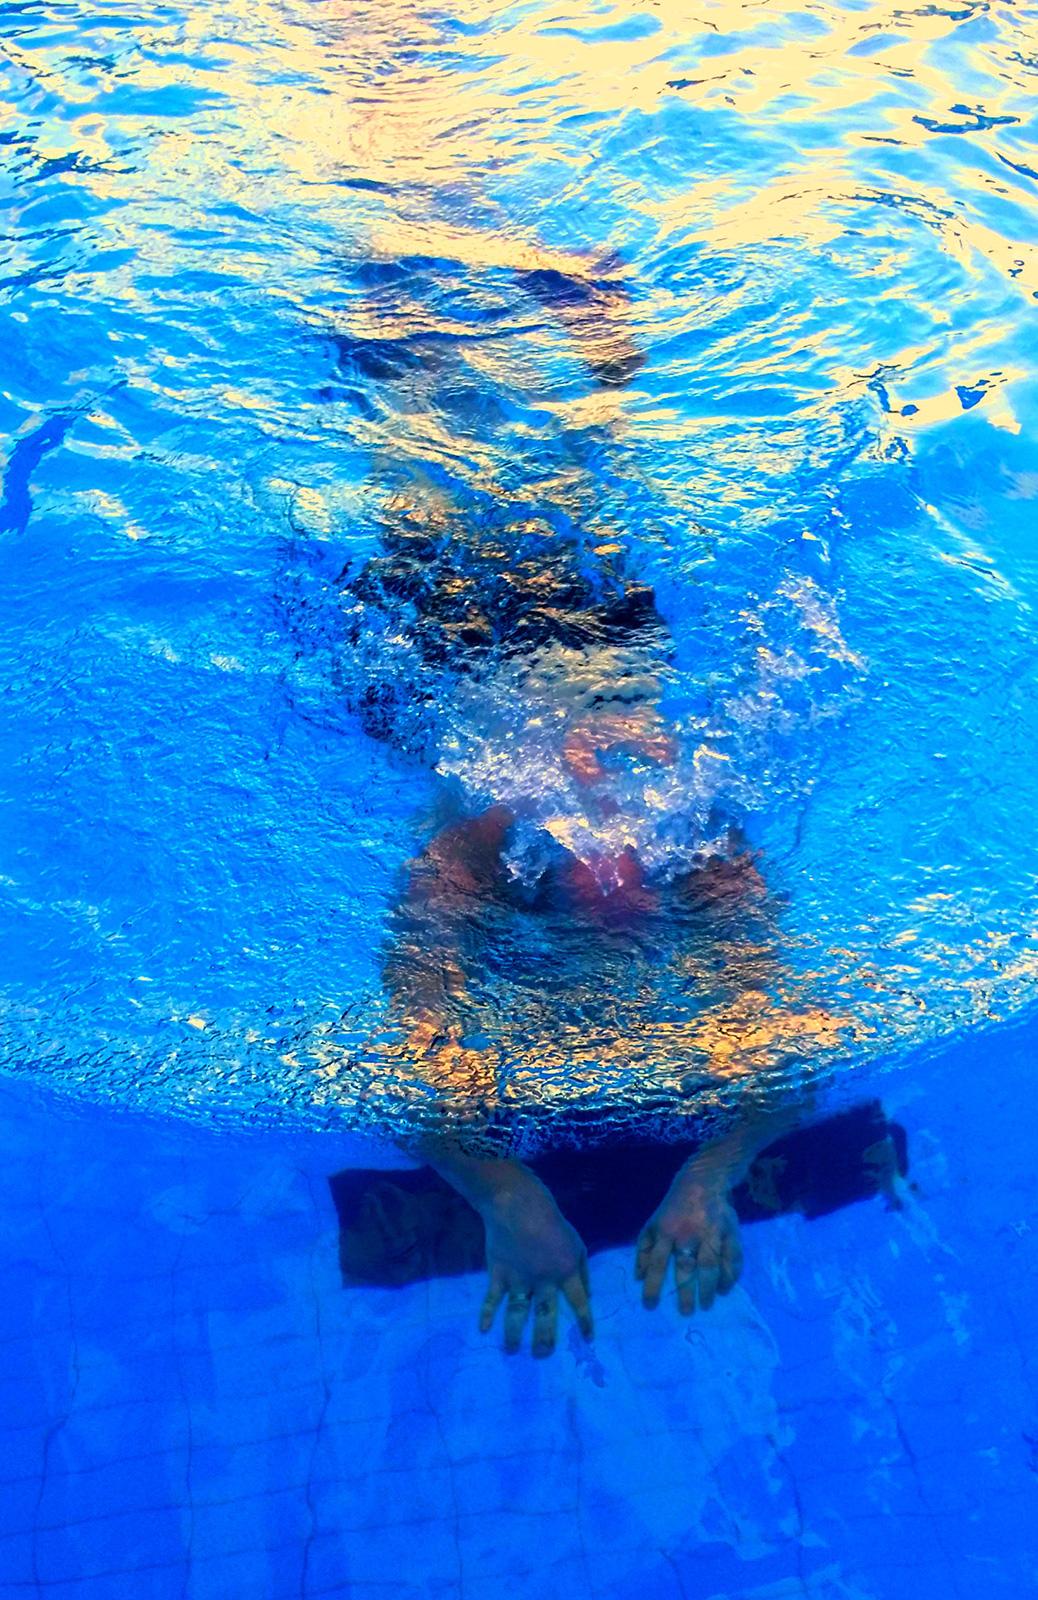 Coté Bleu, votre partenaire piscine et habitat dans le Gard et l'Hérault